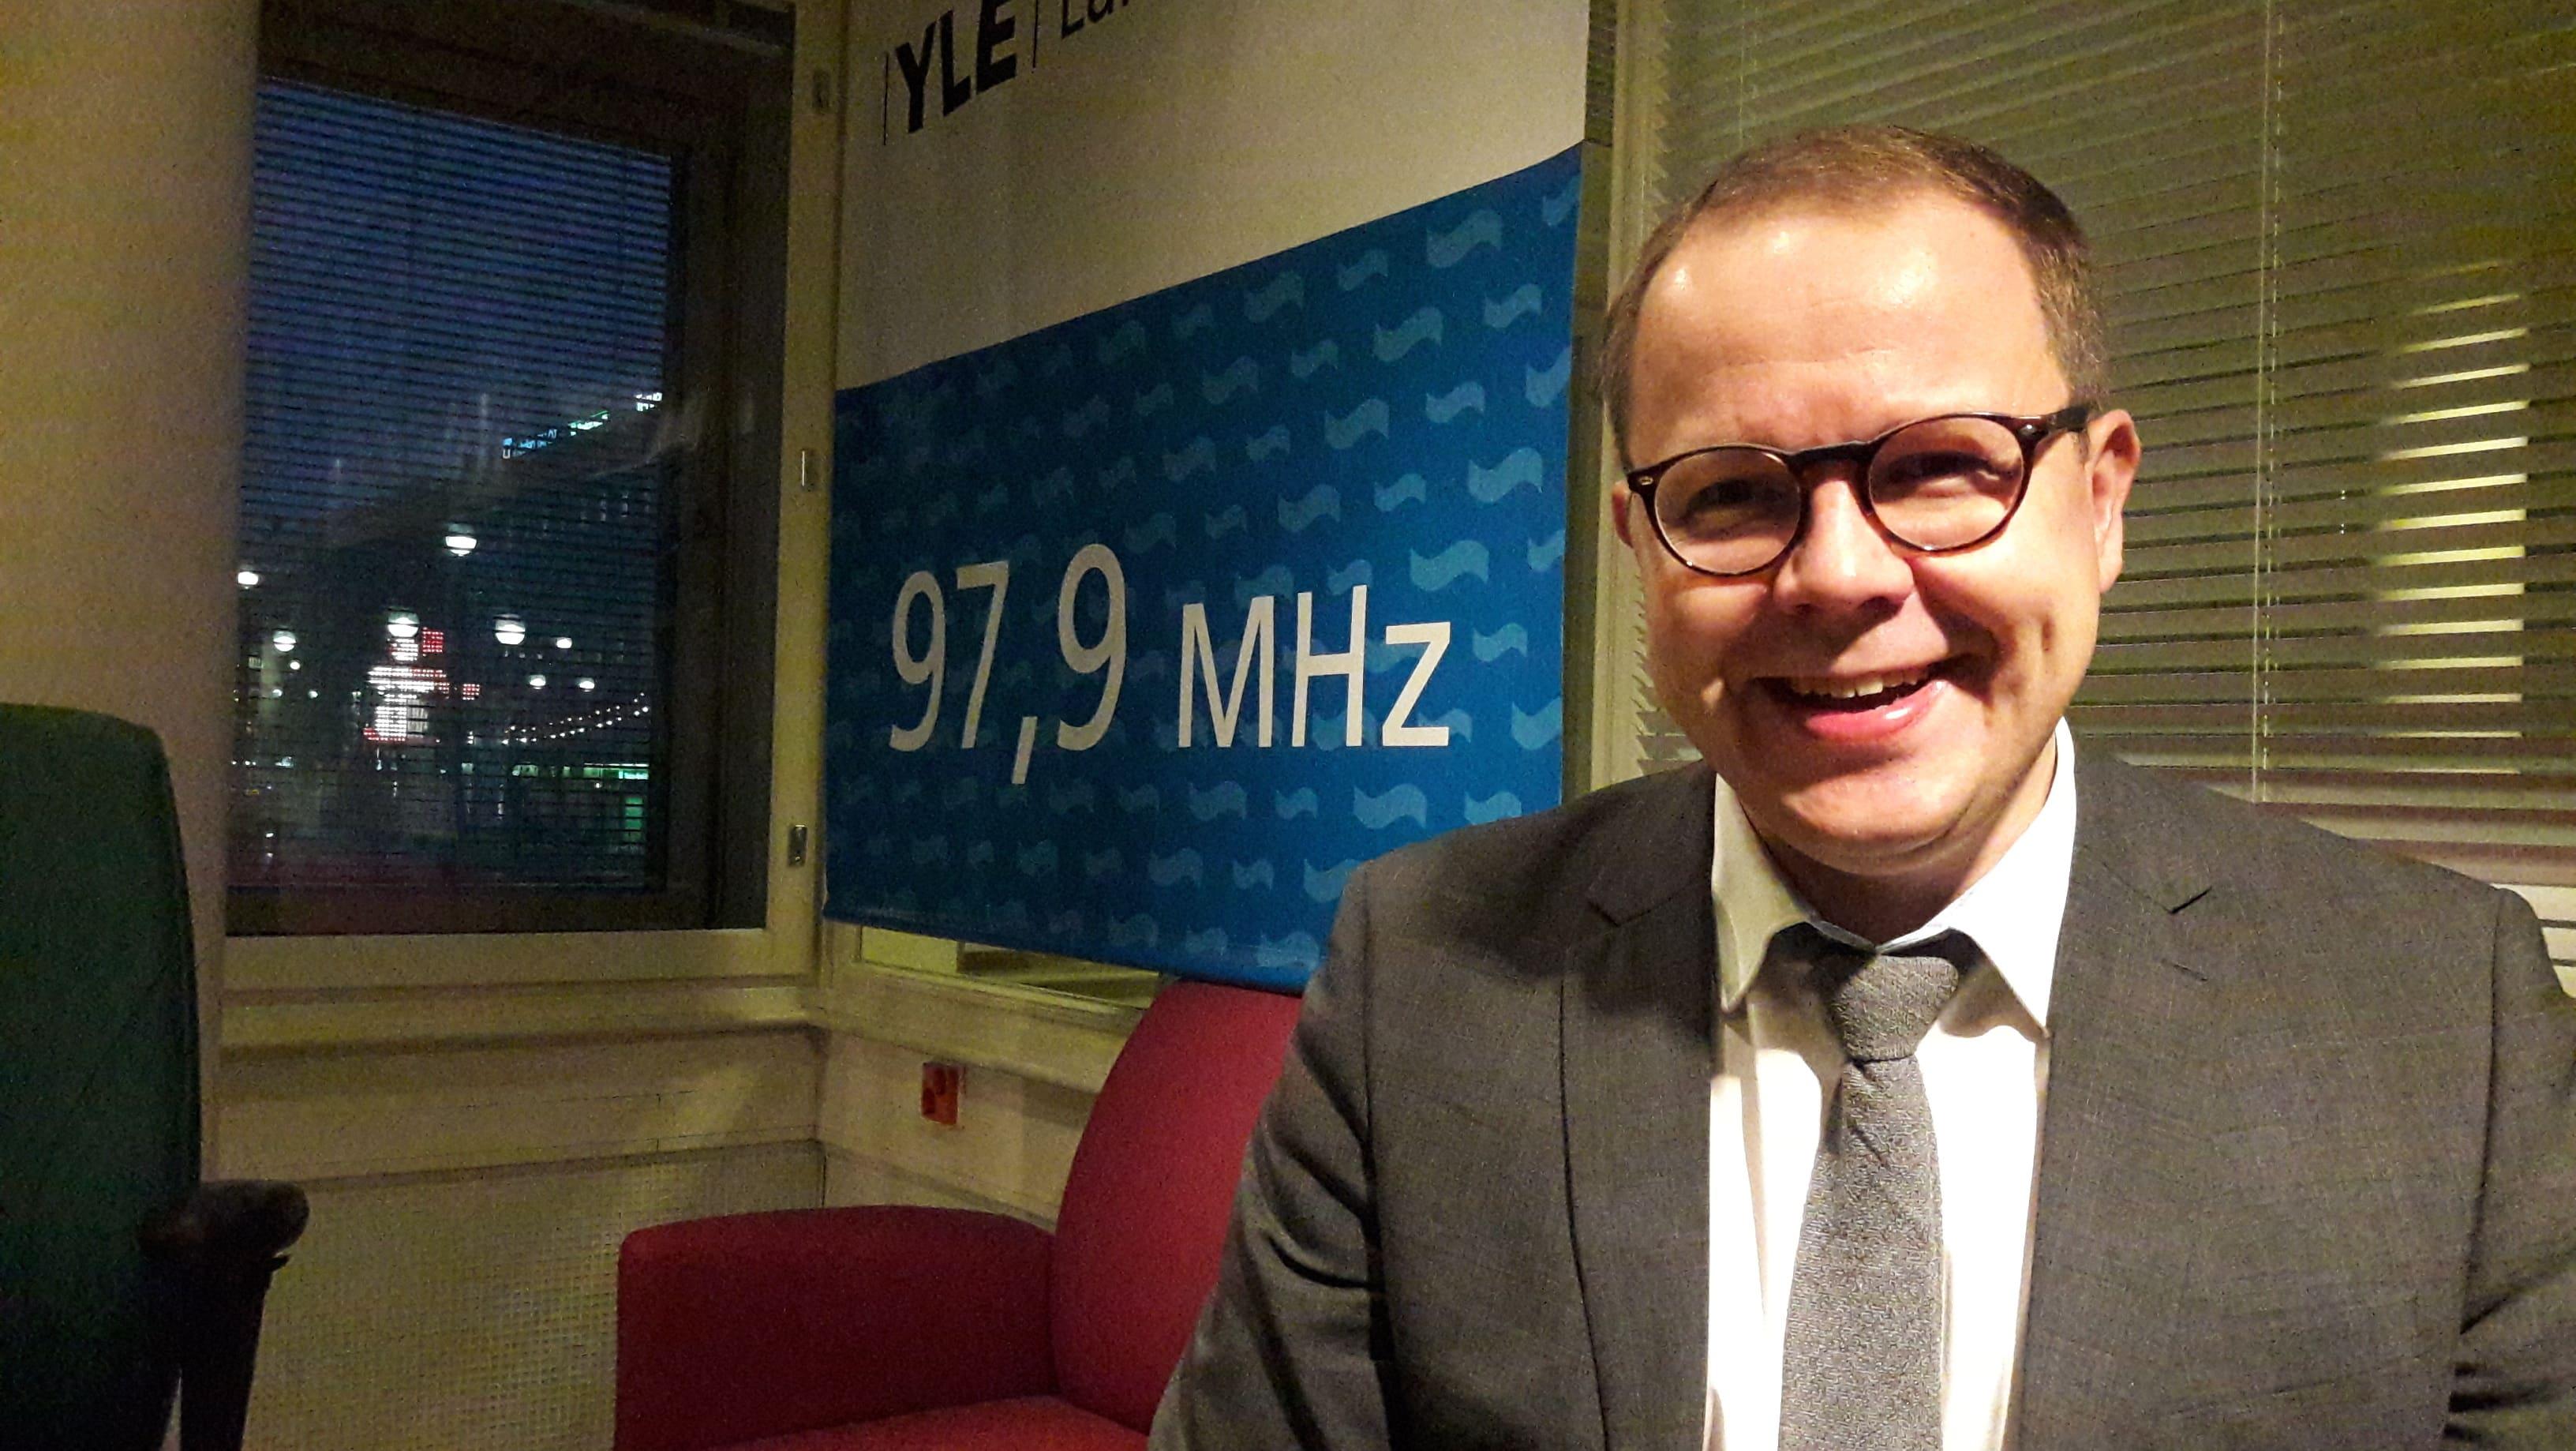 Mitä tarkoittaa Lahden oma yliopisto? | Radio Suomi Lahti | Radio | Areena | yle.fi